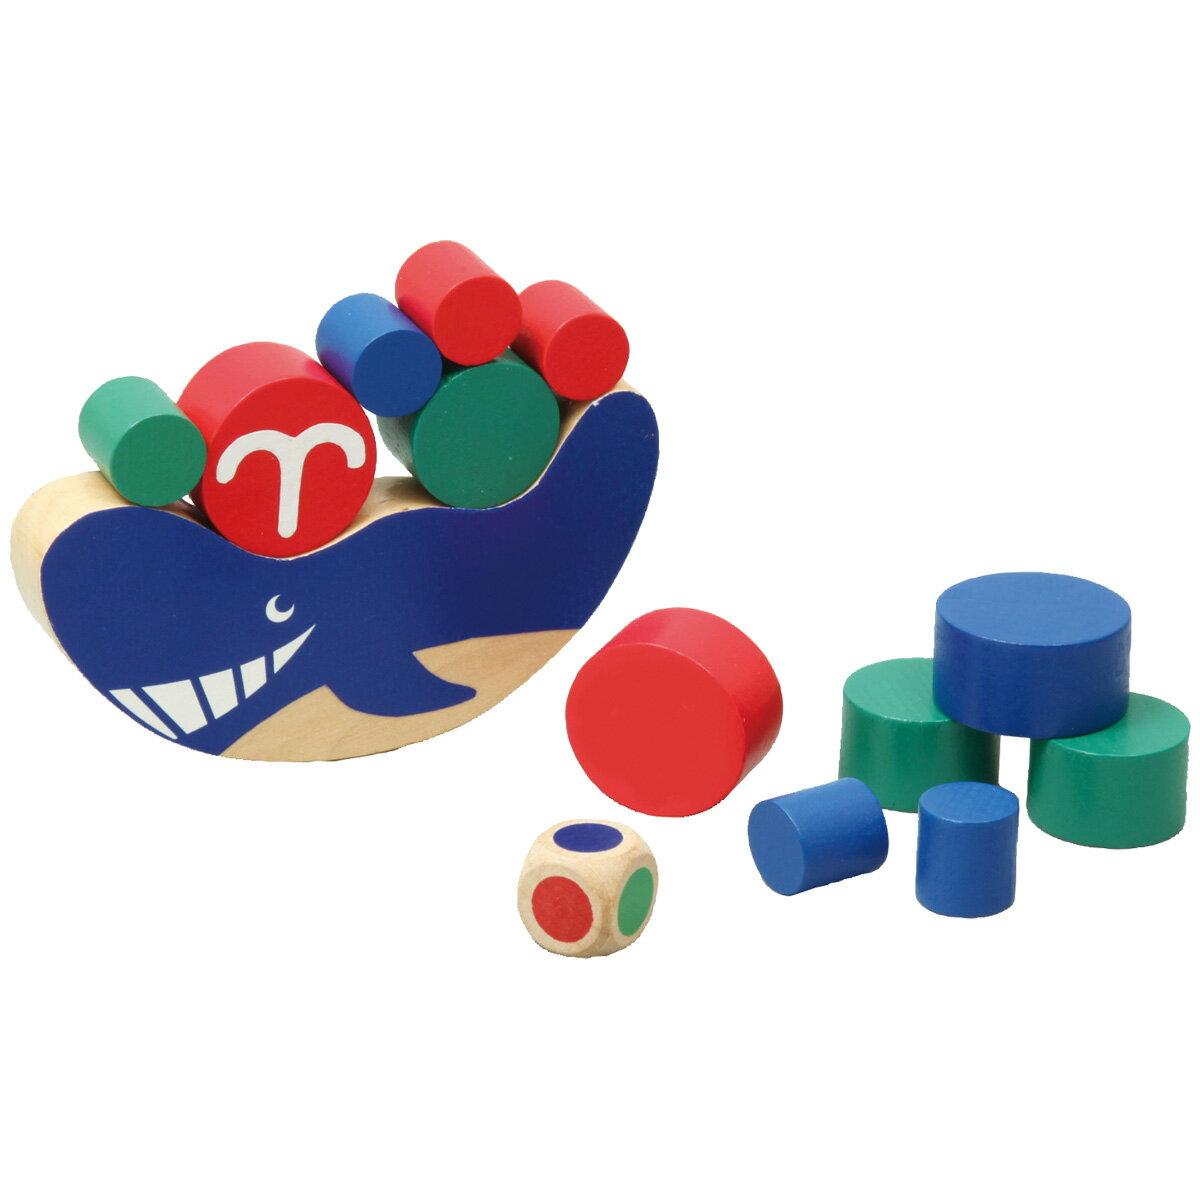 クジラバランス ゲーム バランスゲーム 【木製玩具 木のおもちゃ 知育玩具 3歳 4歳 5歳 6歳 子供 幼児】